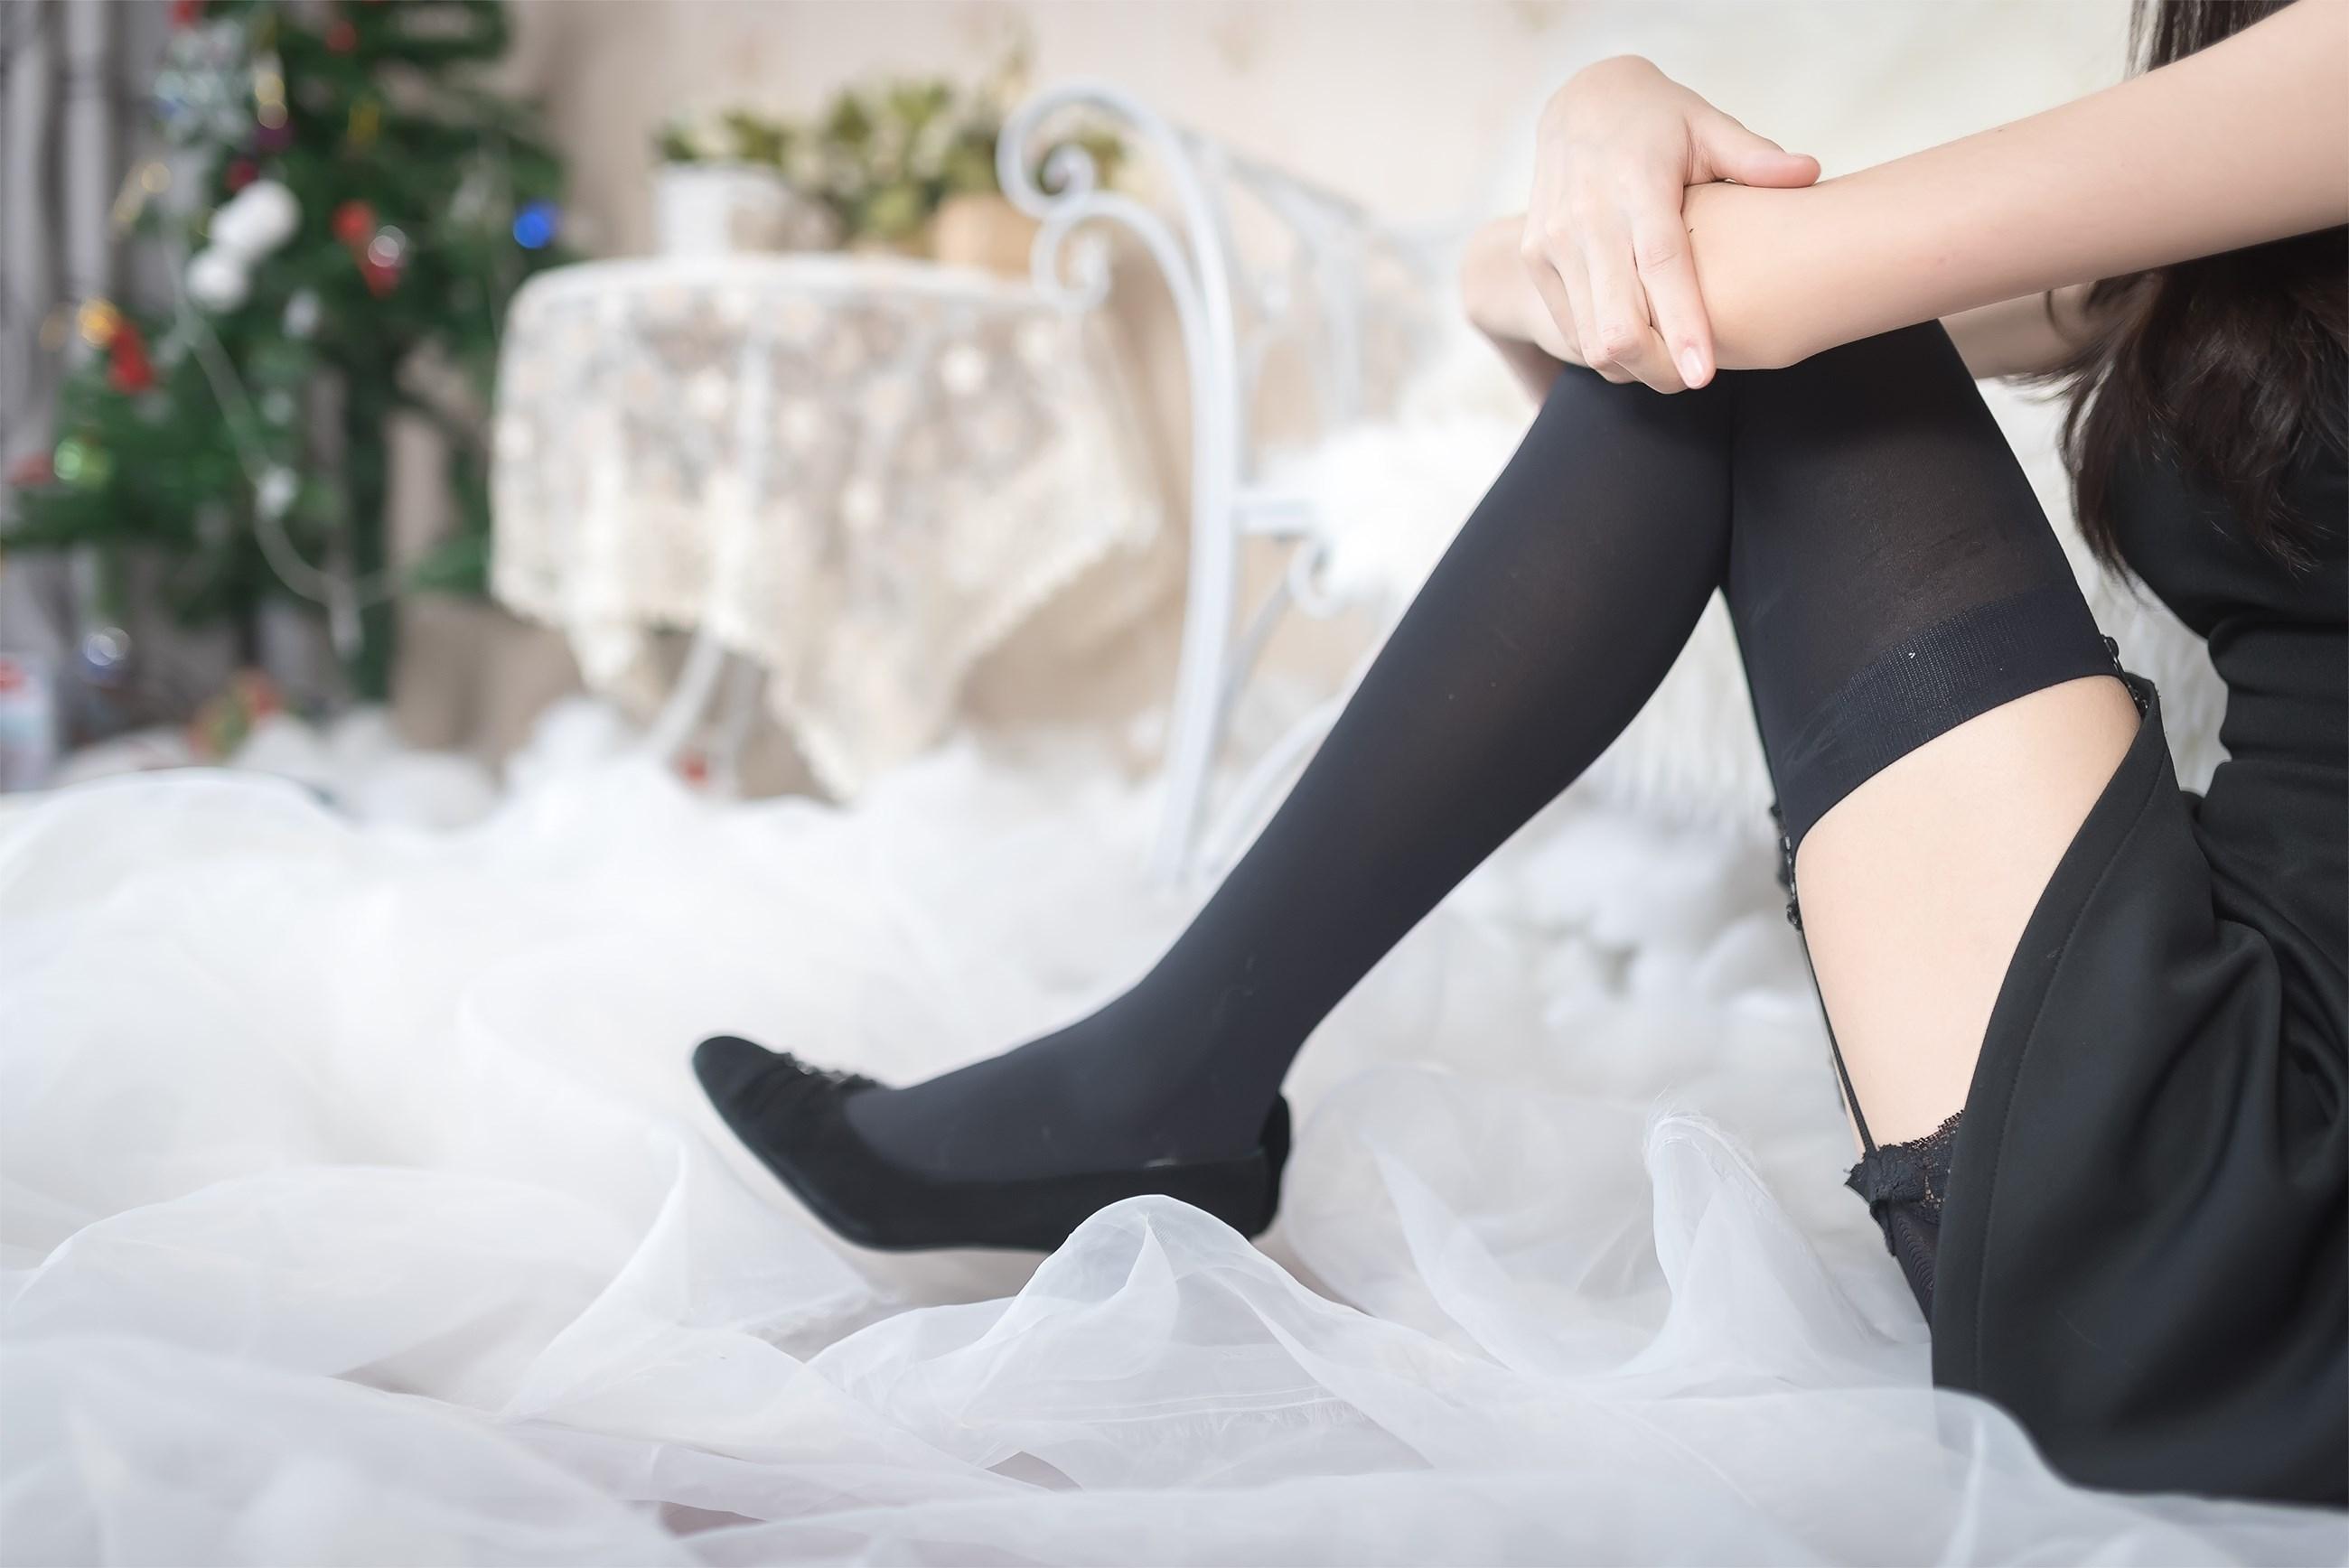 【兔玩映画】吊带 · 丝袜 · 天使 兔玩映画 第25张